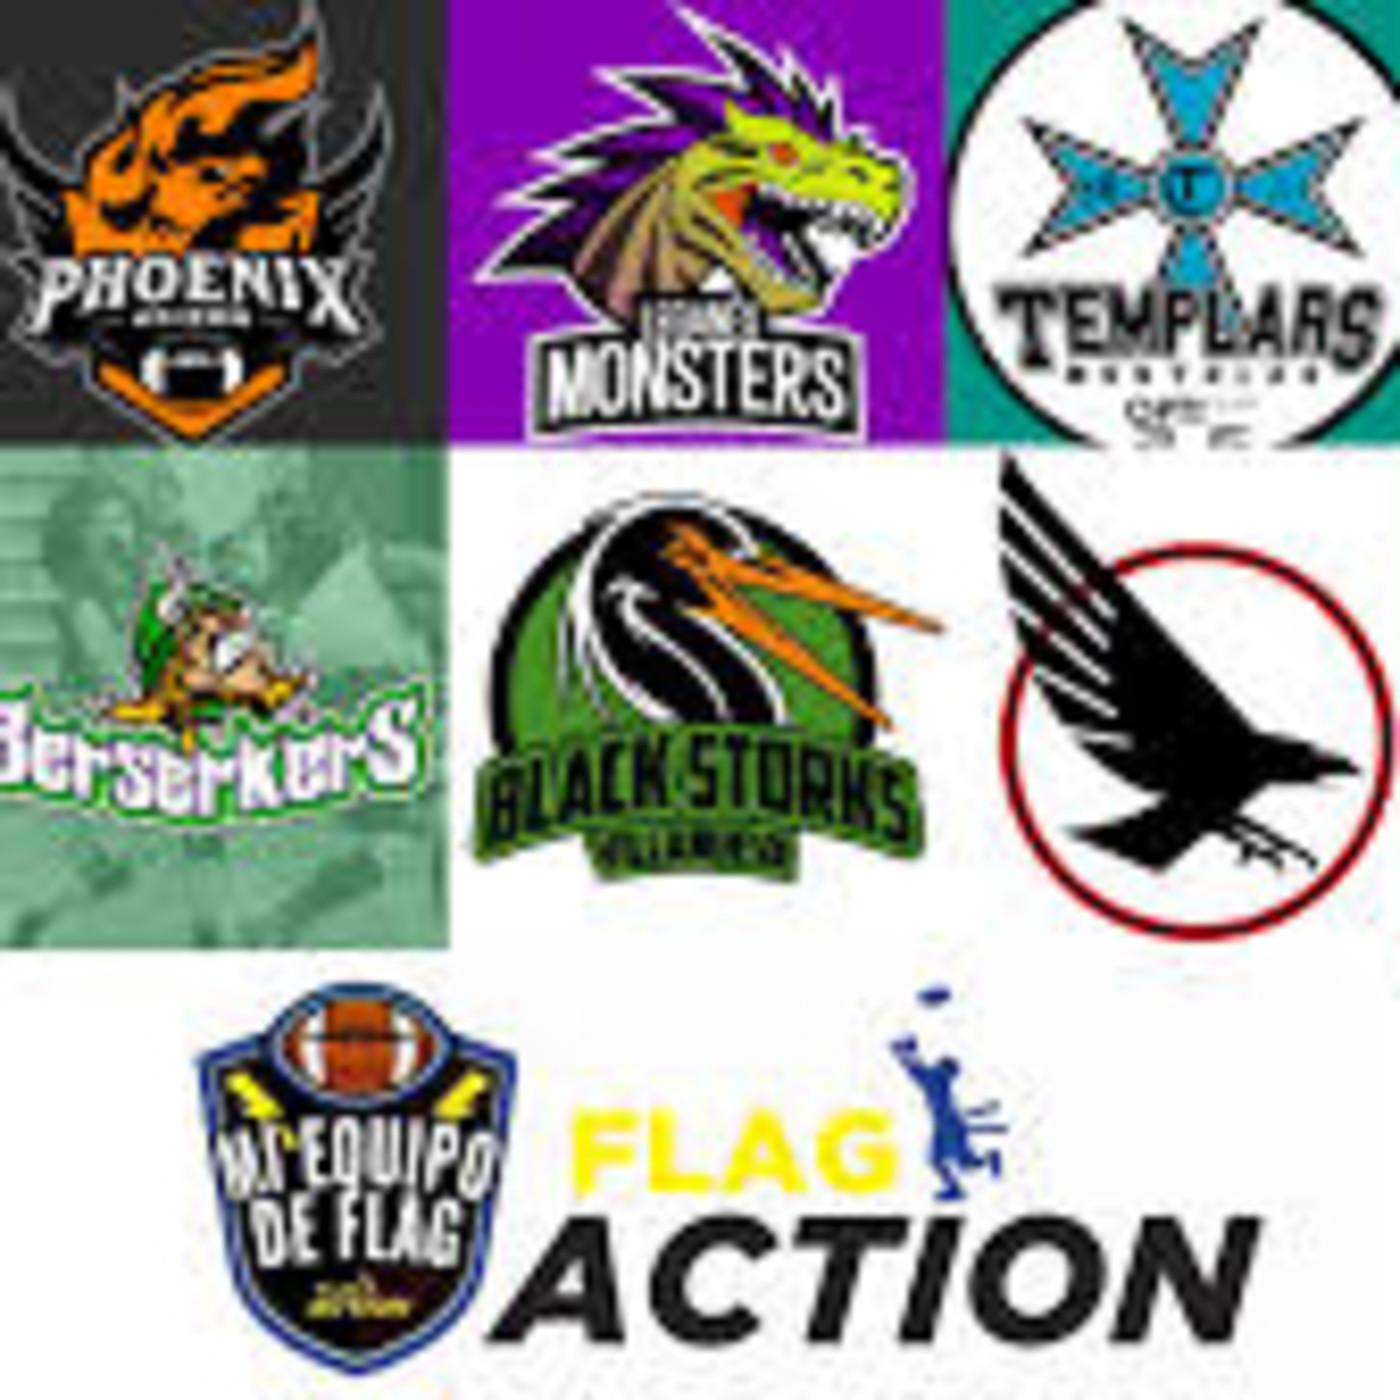 Entrevista a Flag Action.